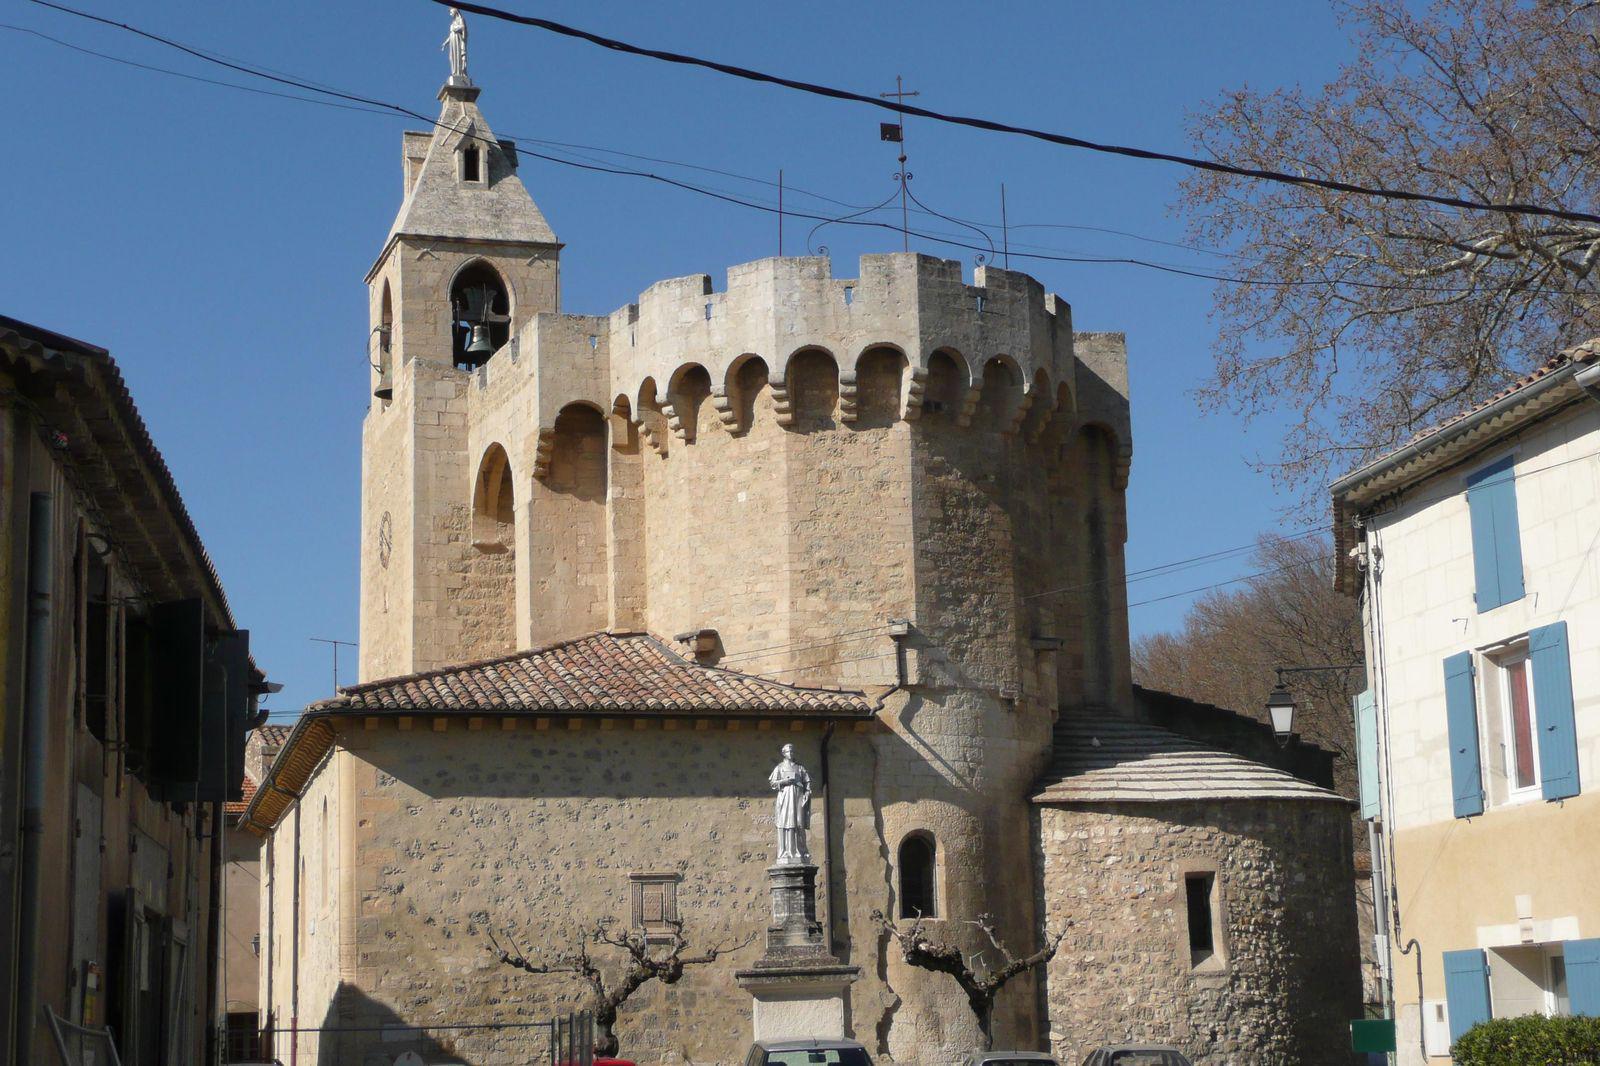 Saint-Andiol